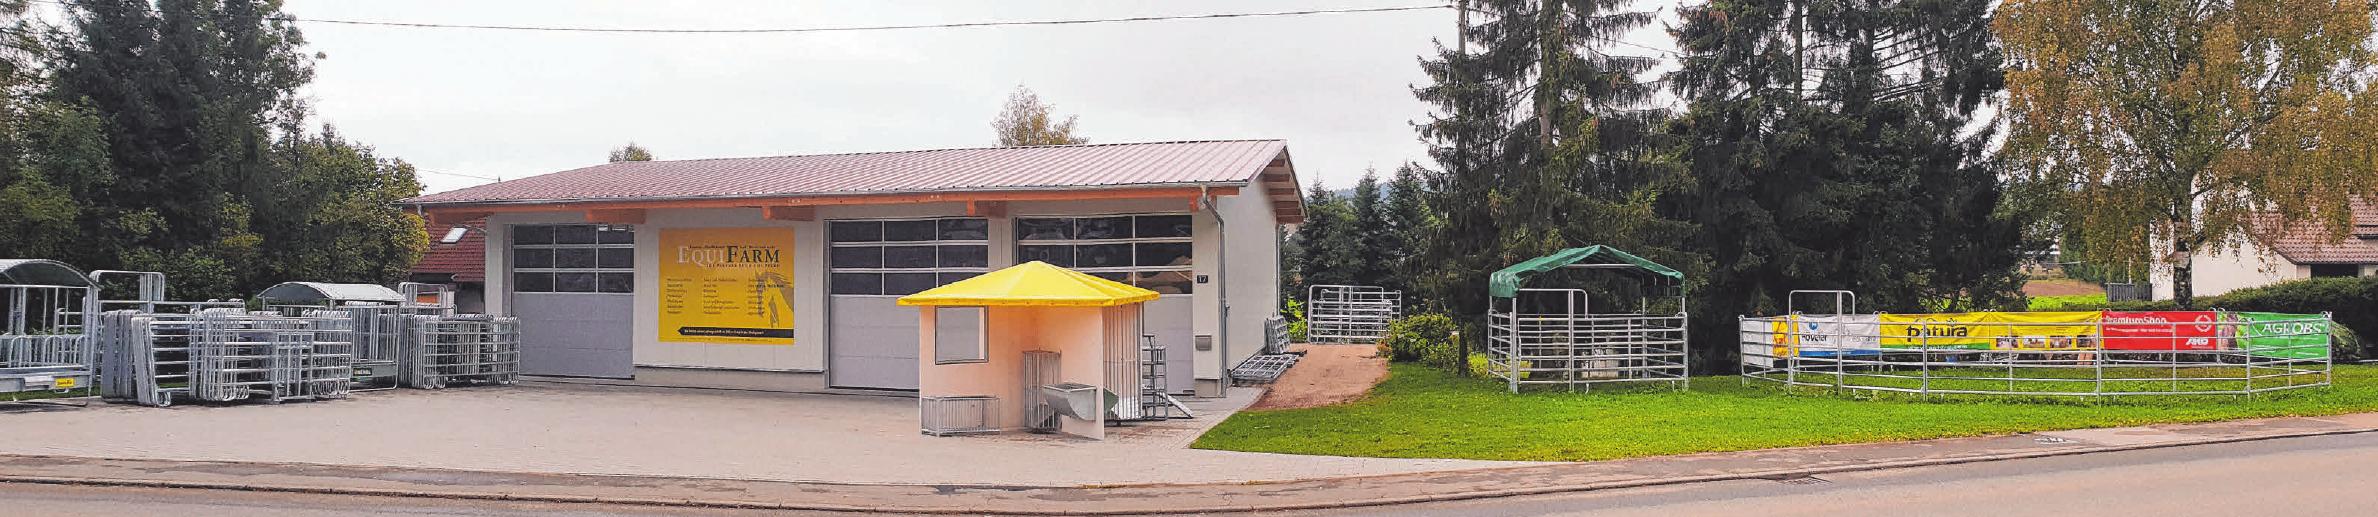 Die Lagerhalle und die Ausstellung für Stall- und Weidetechnik von Equifarm in Gunningen. FOTOS: MÜLLER, EQUIFARM